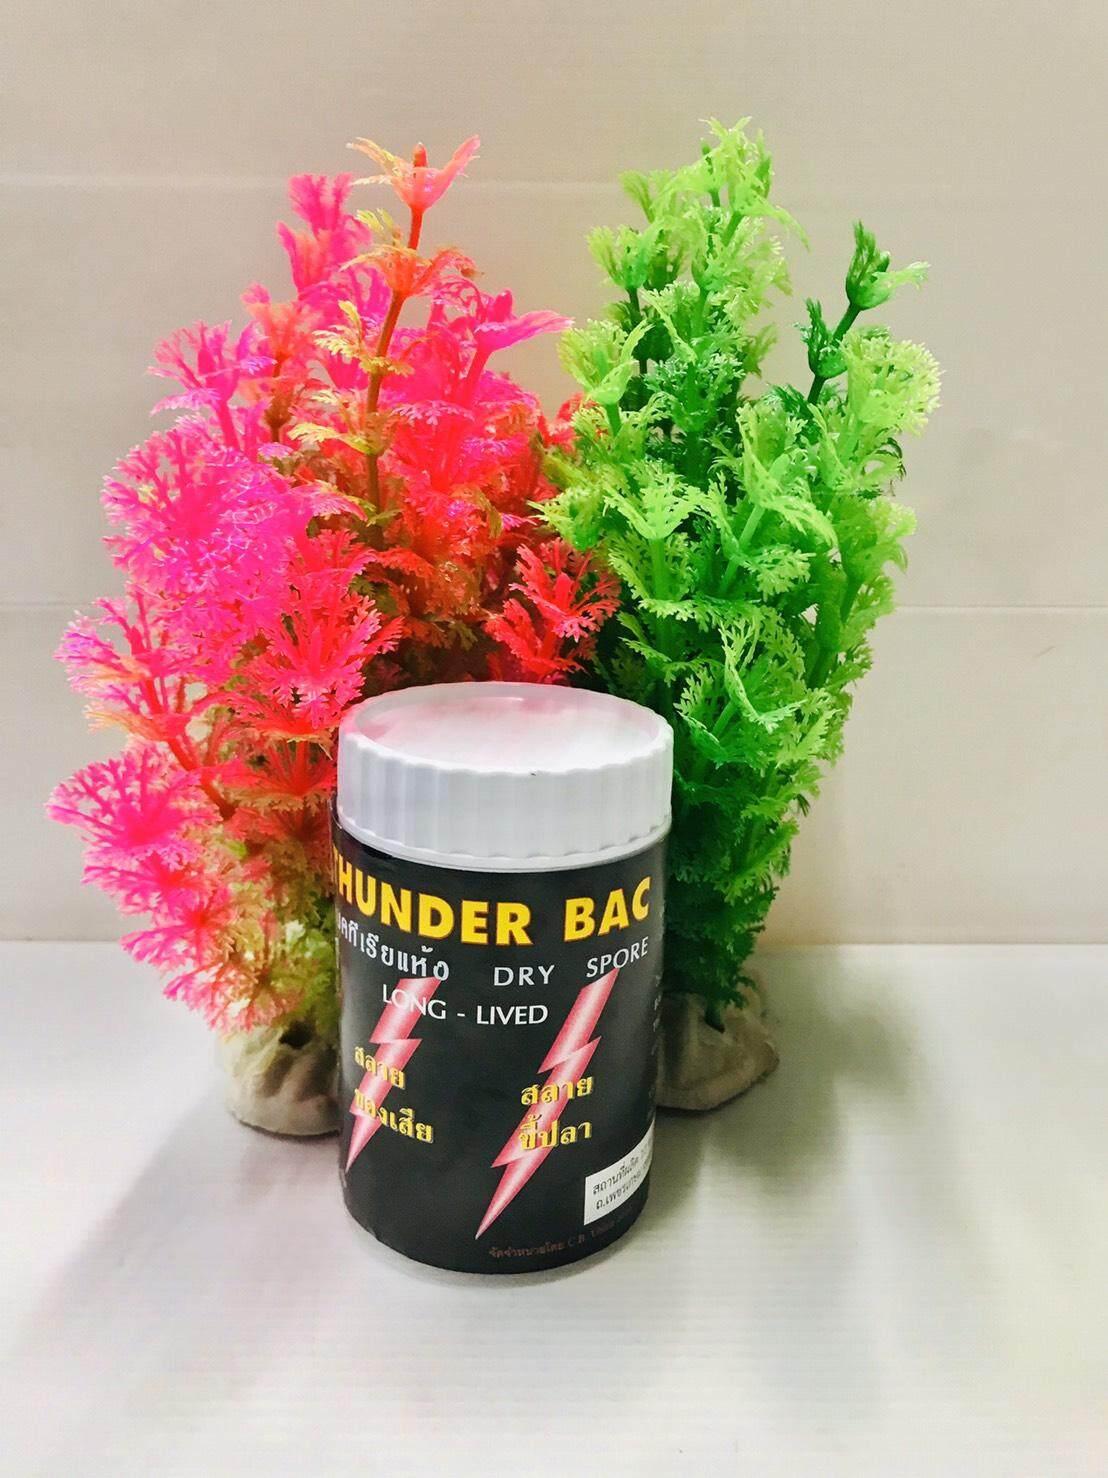 แบคทีเรียแห้ง 50 กรัม Thunder bac 50g จุลินทรีย์ ทันเดอร์แบคผง